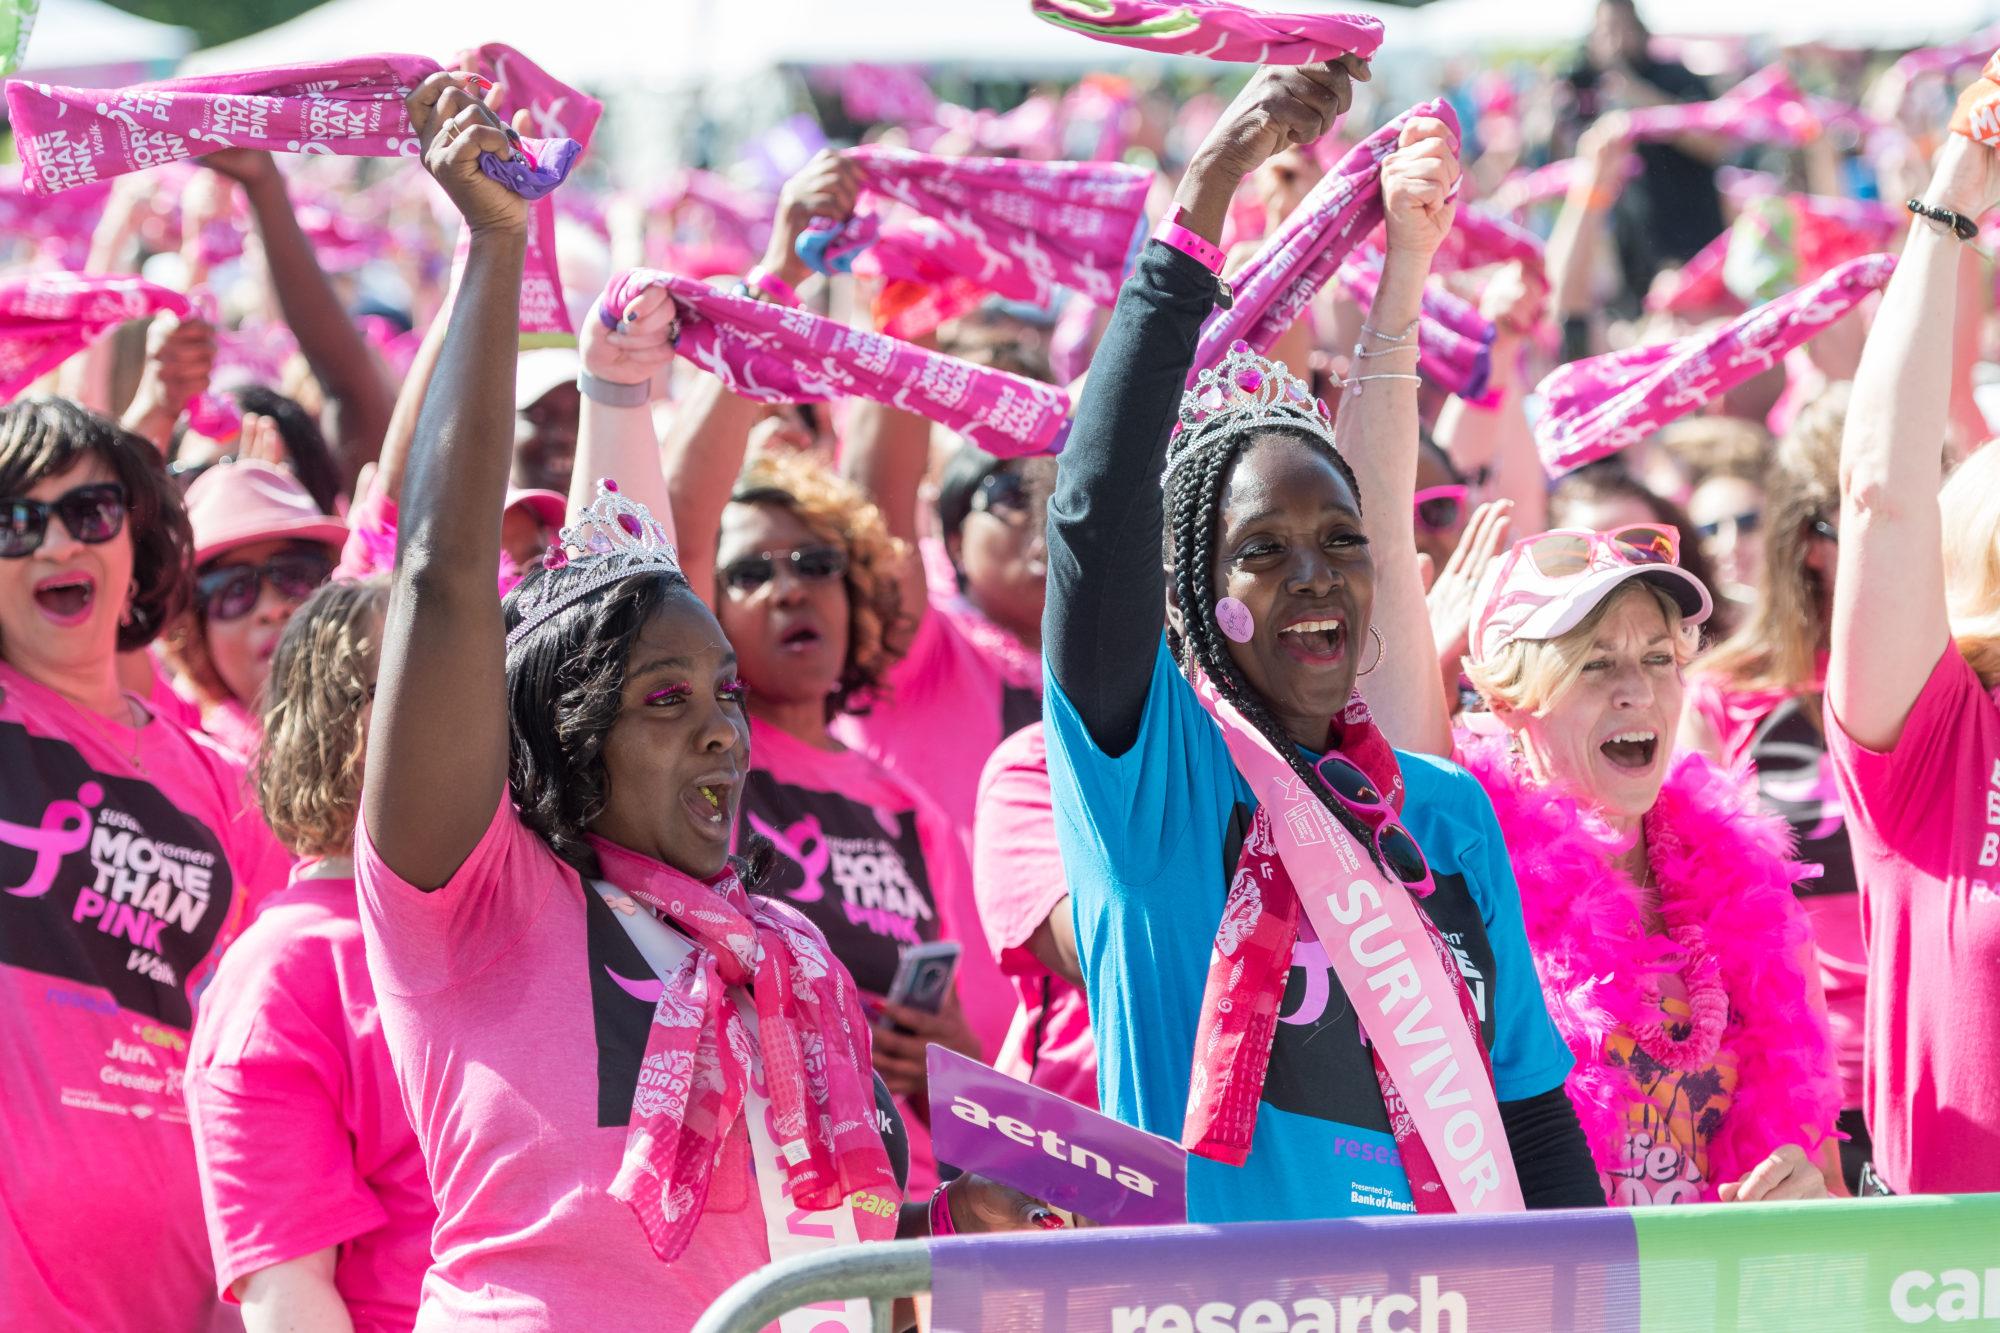 Susan G. Komen Debuts Its More Than Pink Walk, Saturday, May 11